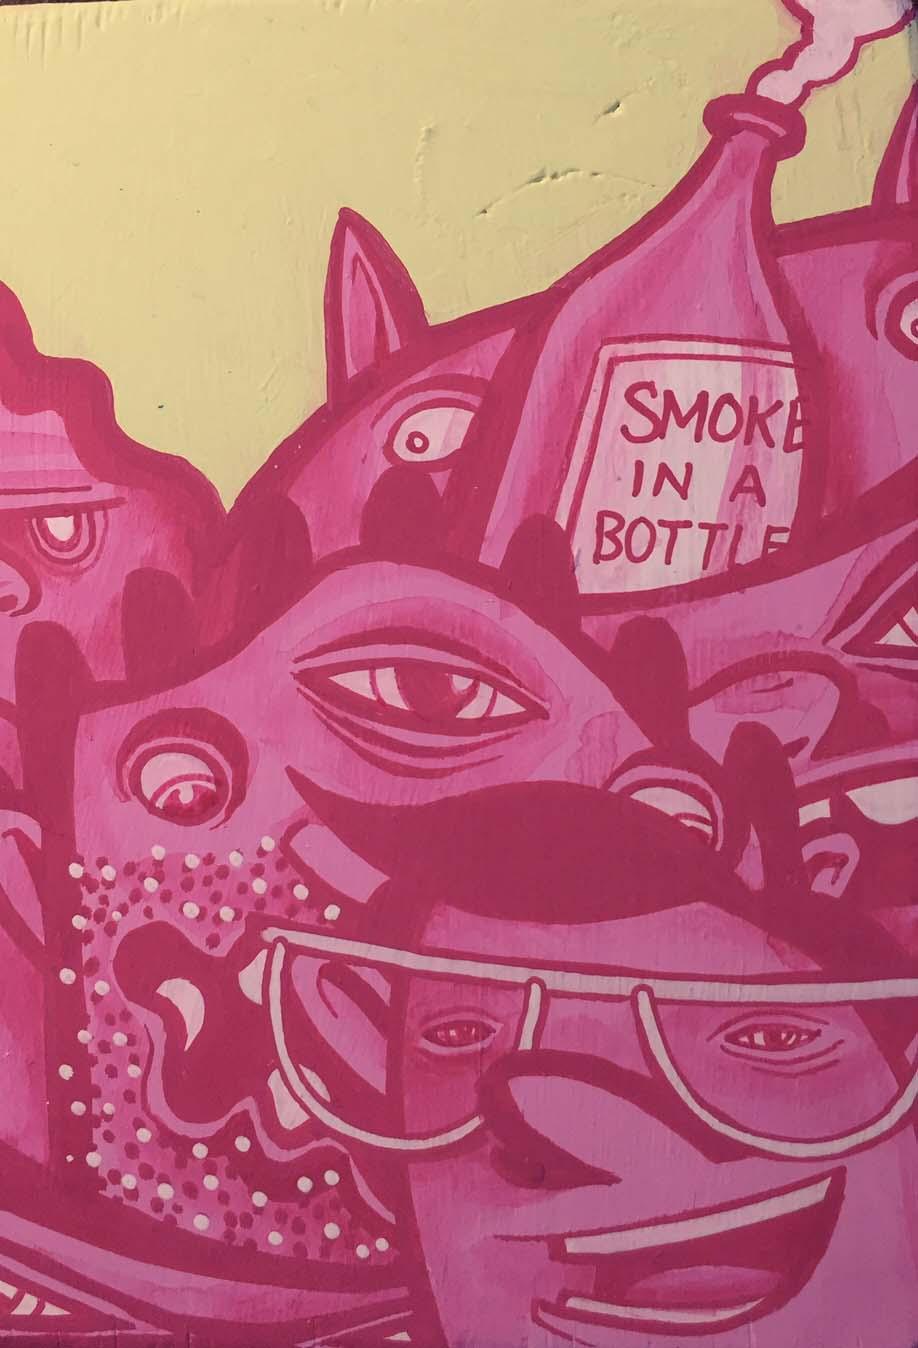 Smoke In A Bottle